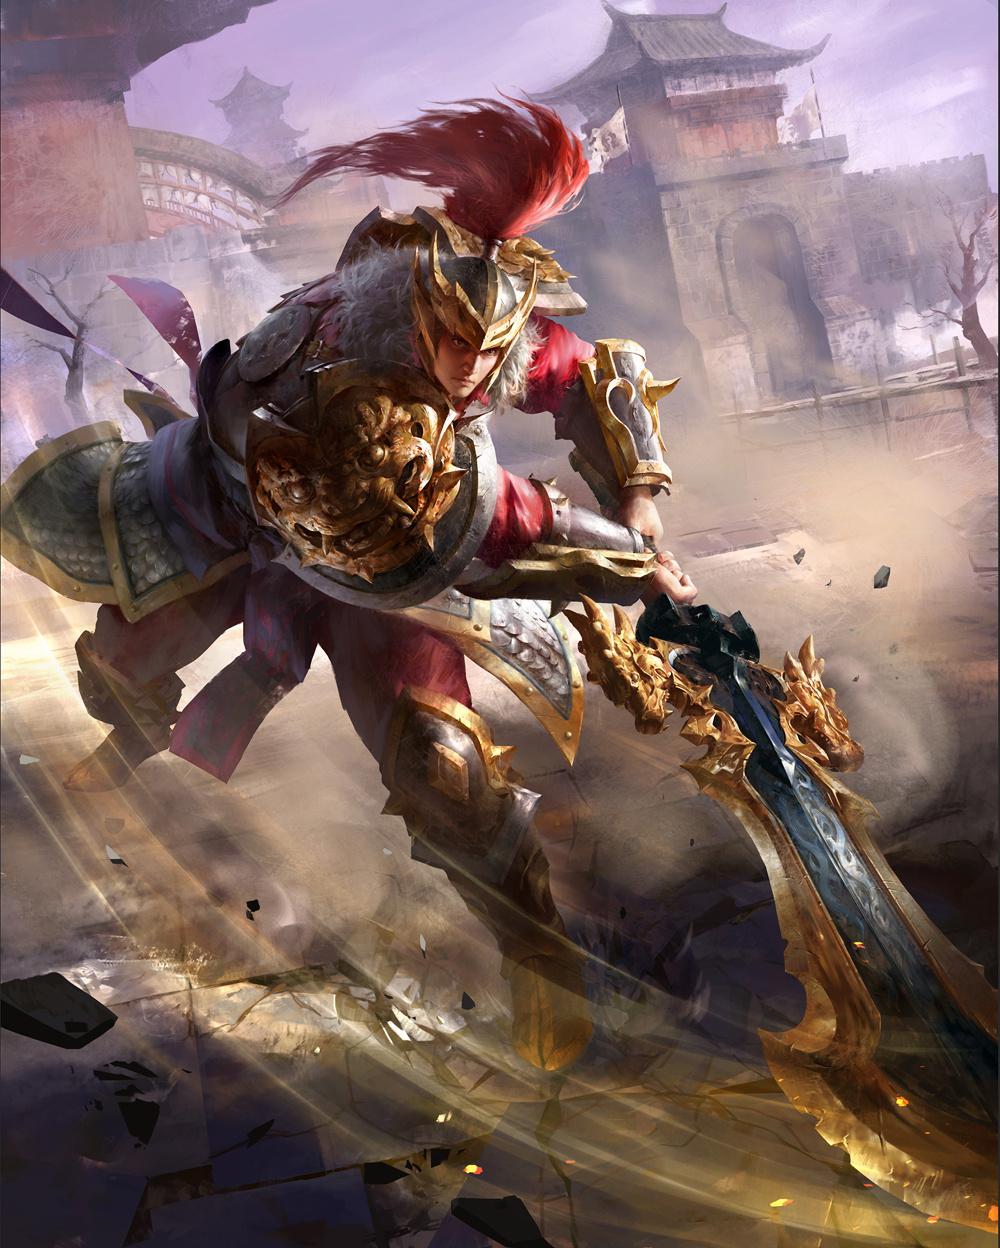 红族泰迦最强武器详解,三重剑玩法揭秘,剑柄藏必杀技按钮